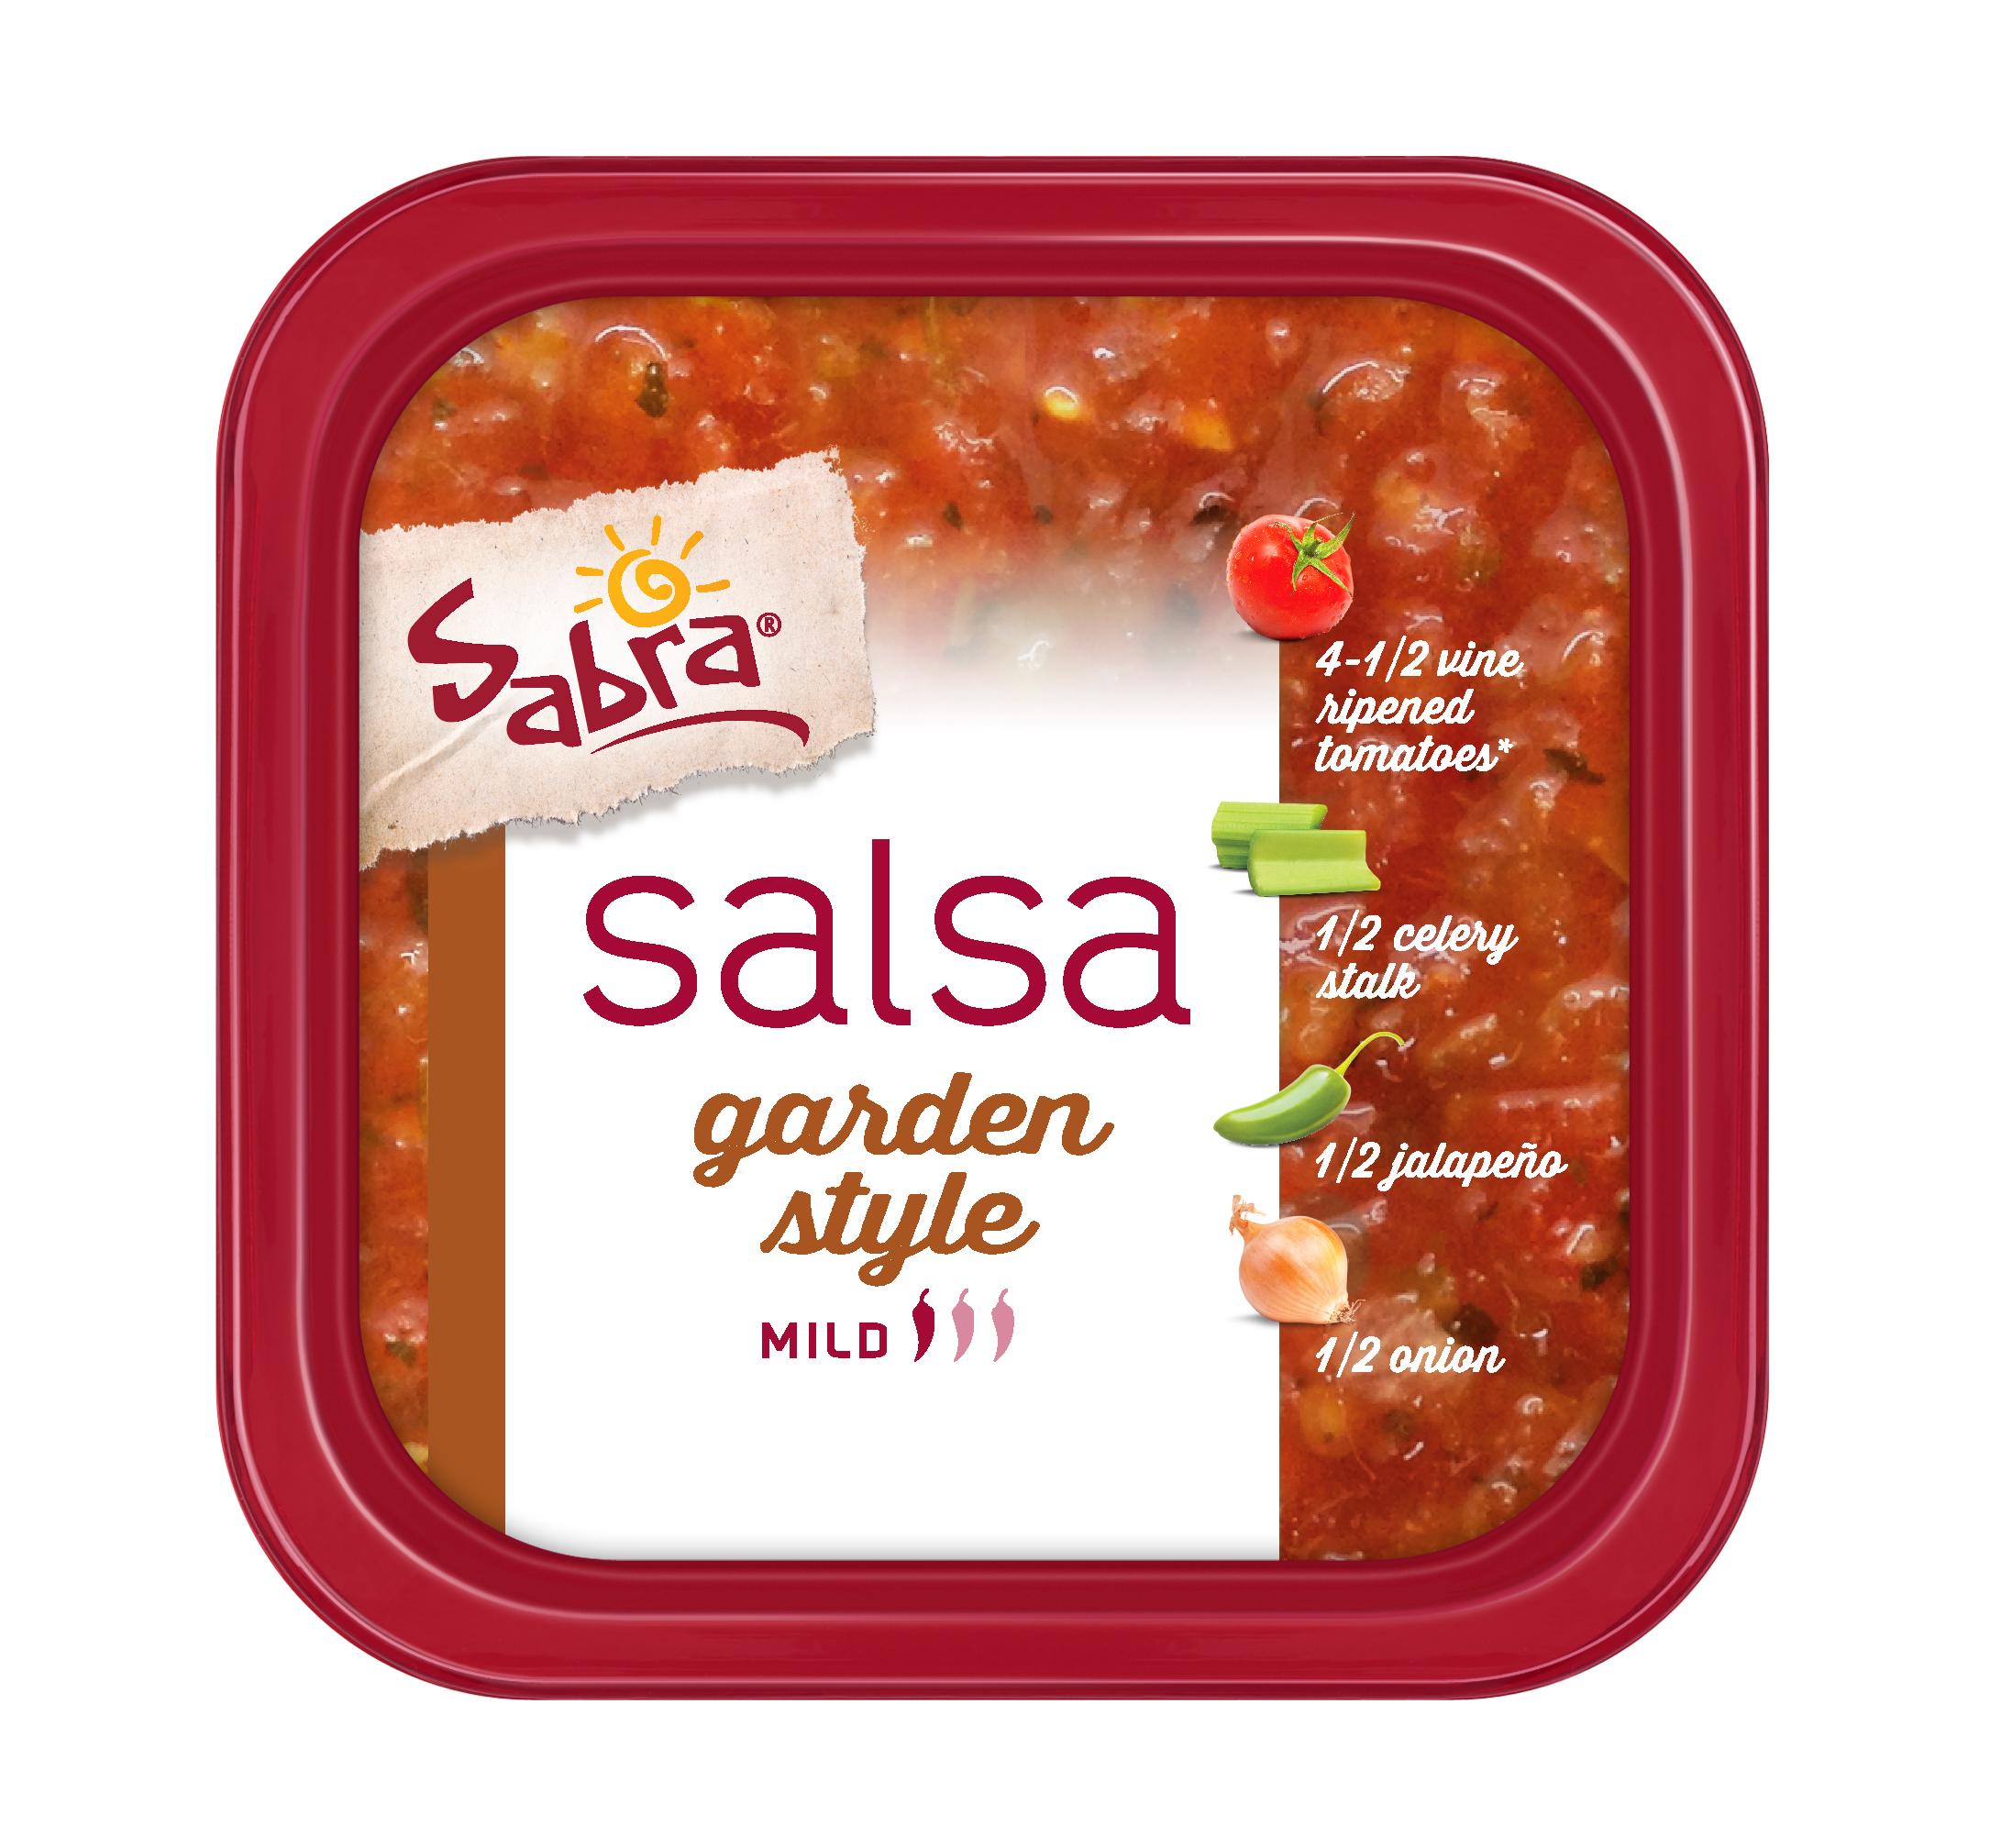 Sabra Garden Style Salsa